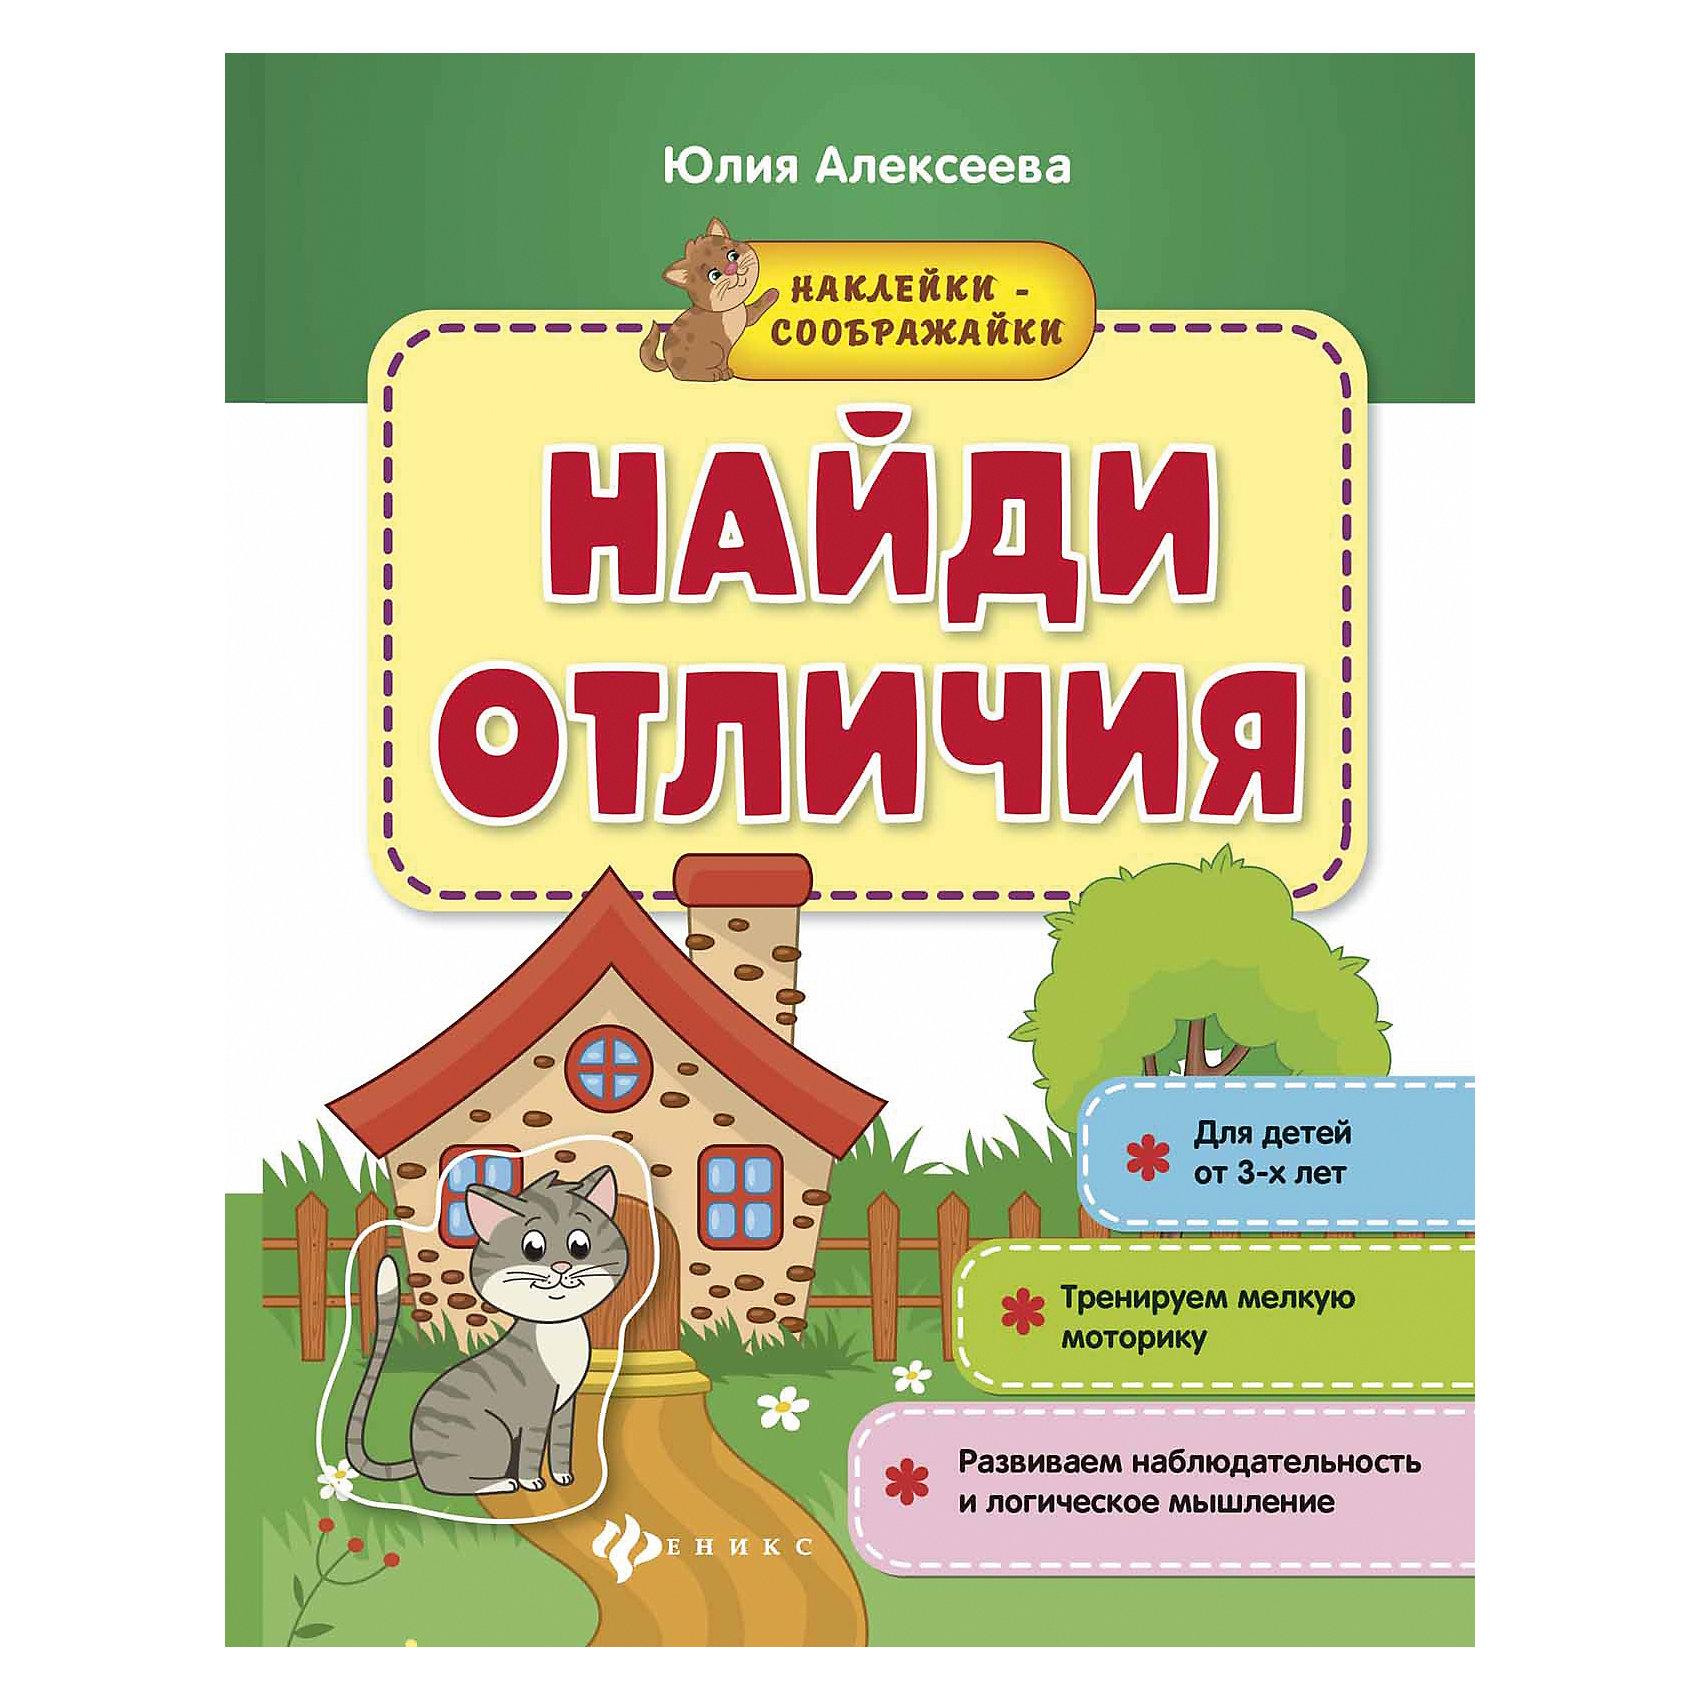 Книжка с наклейками Найди отличияКнижка с наклейками Найди отличия<br><br>Характеристики: <br><br>• Кол-во страниц: 8<br>• ISBN: 9785222285992<br>• Возраст: 3+<br>• Обложка: мягкая бумажная<br>• Формат: а4<br><br>Данная книга рекомендуется для использования детьми от 3 лет. Используя ее, ребенок сможет научиться находить отличия, развить логическое мышление и научиться определять лишнее на картинке. В книге имеются наклейки, используя которые для выполнения заданий, ребенок сможет развить свою мелкую моторику и научиться лучше и легче запоминать необходимую информацию.<br><br>Книжка с наклейками Найди отличия можно купить в нашем интернет-магазине.<br><br>Ширина мм: 260<br>Глубина мм: 200<br>Высота мм: 10<br>Вес г: 52<br>Возраст от месяцев: -2147483648<br>Возраст до месяцев: 2147483647<br>Пол: Унисекс<br>Возраст: Детский<br>SKU: 5464524